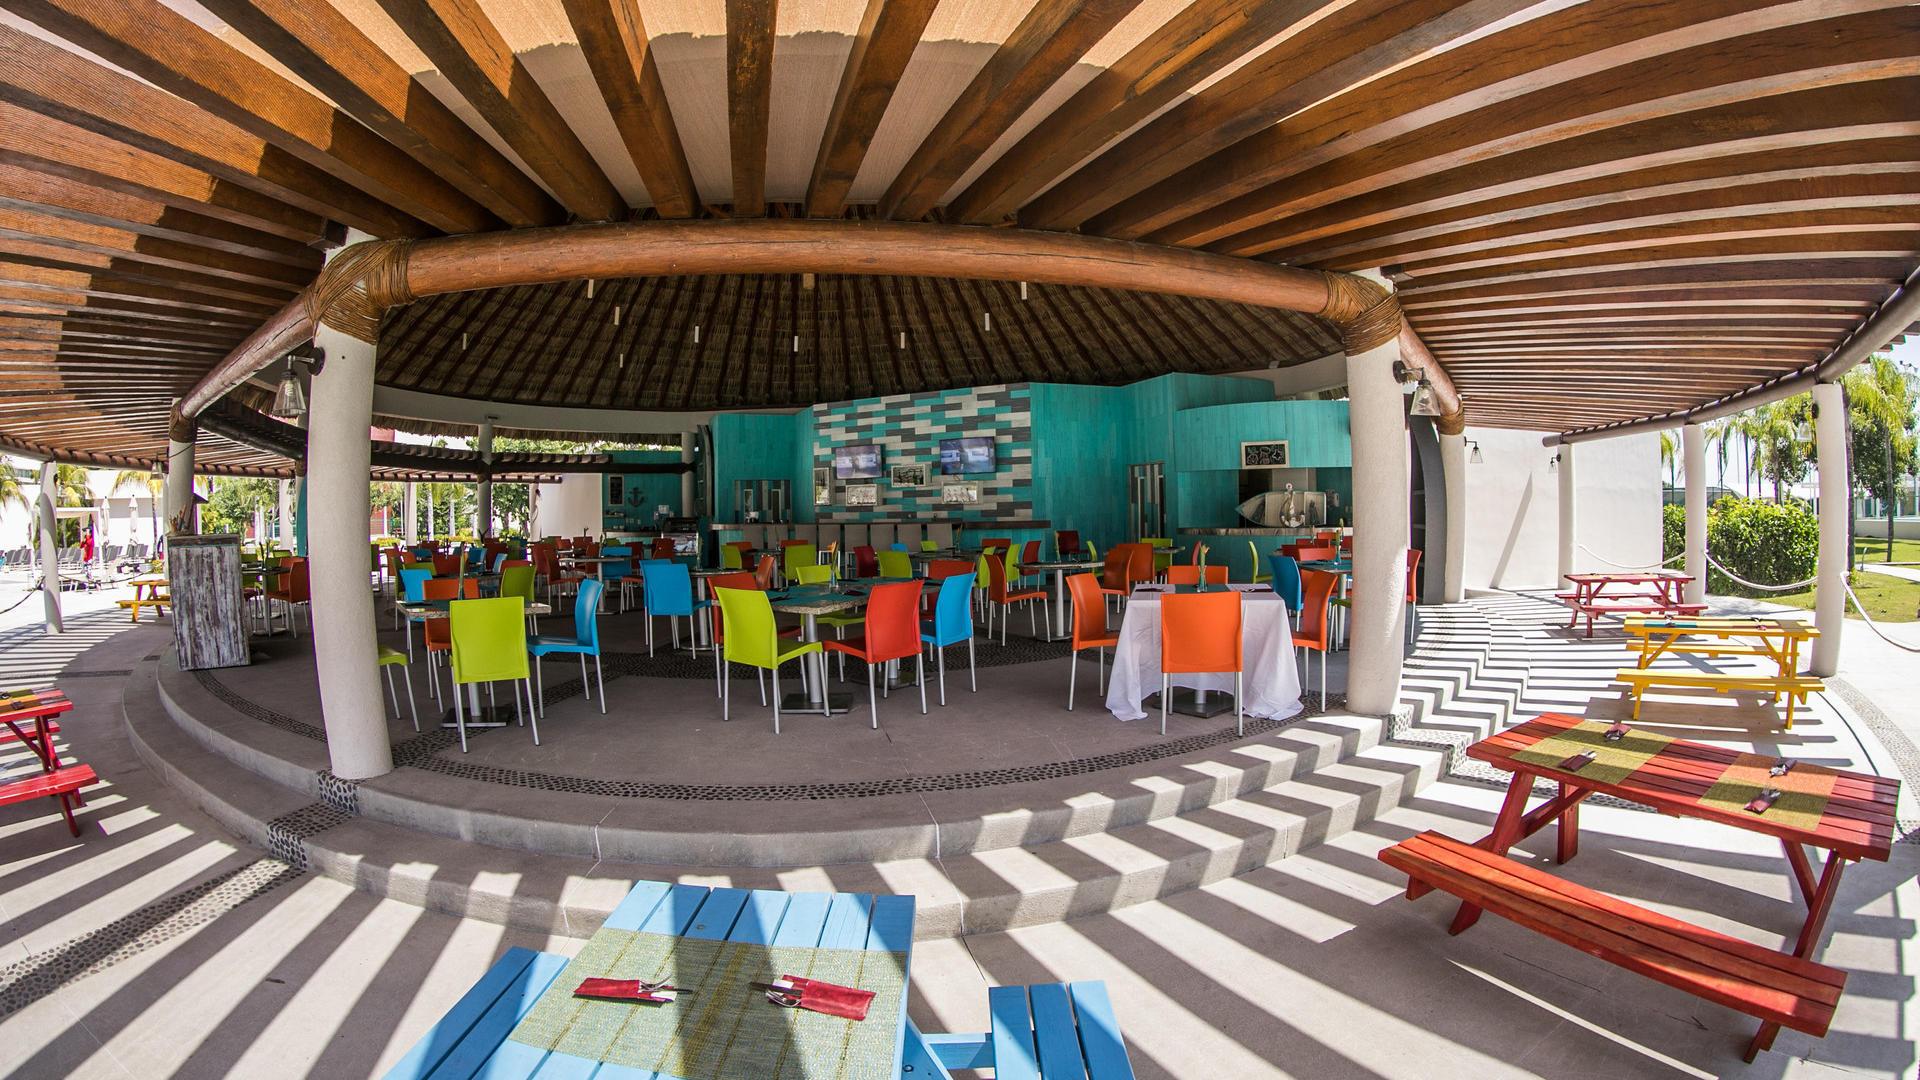 Dining area at Acua Restaurant in Mundo Imperial